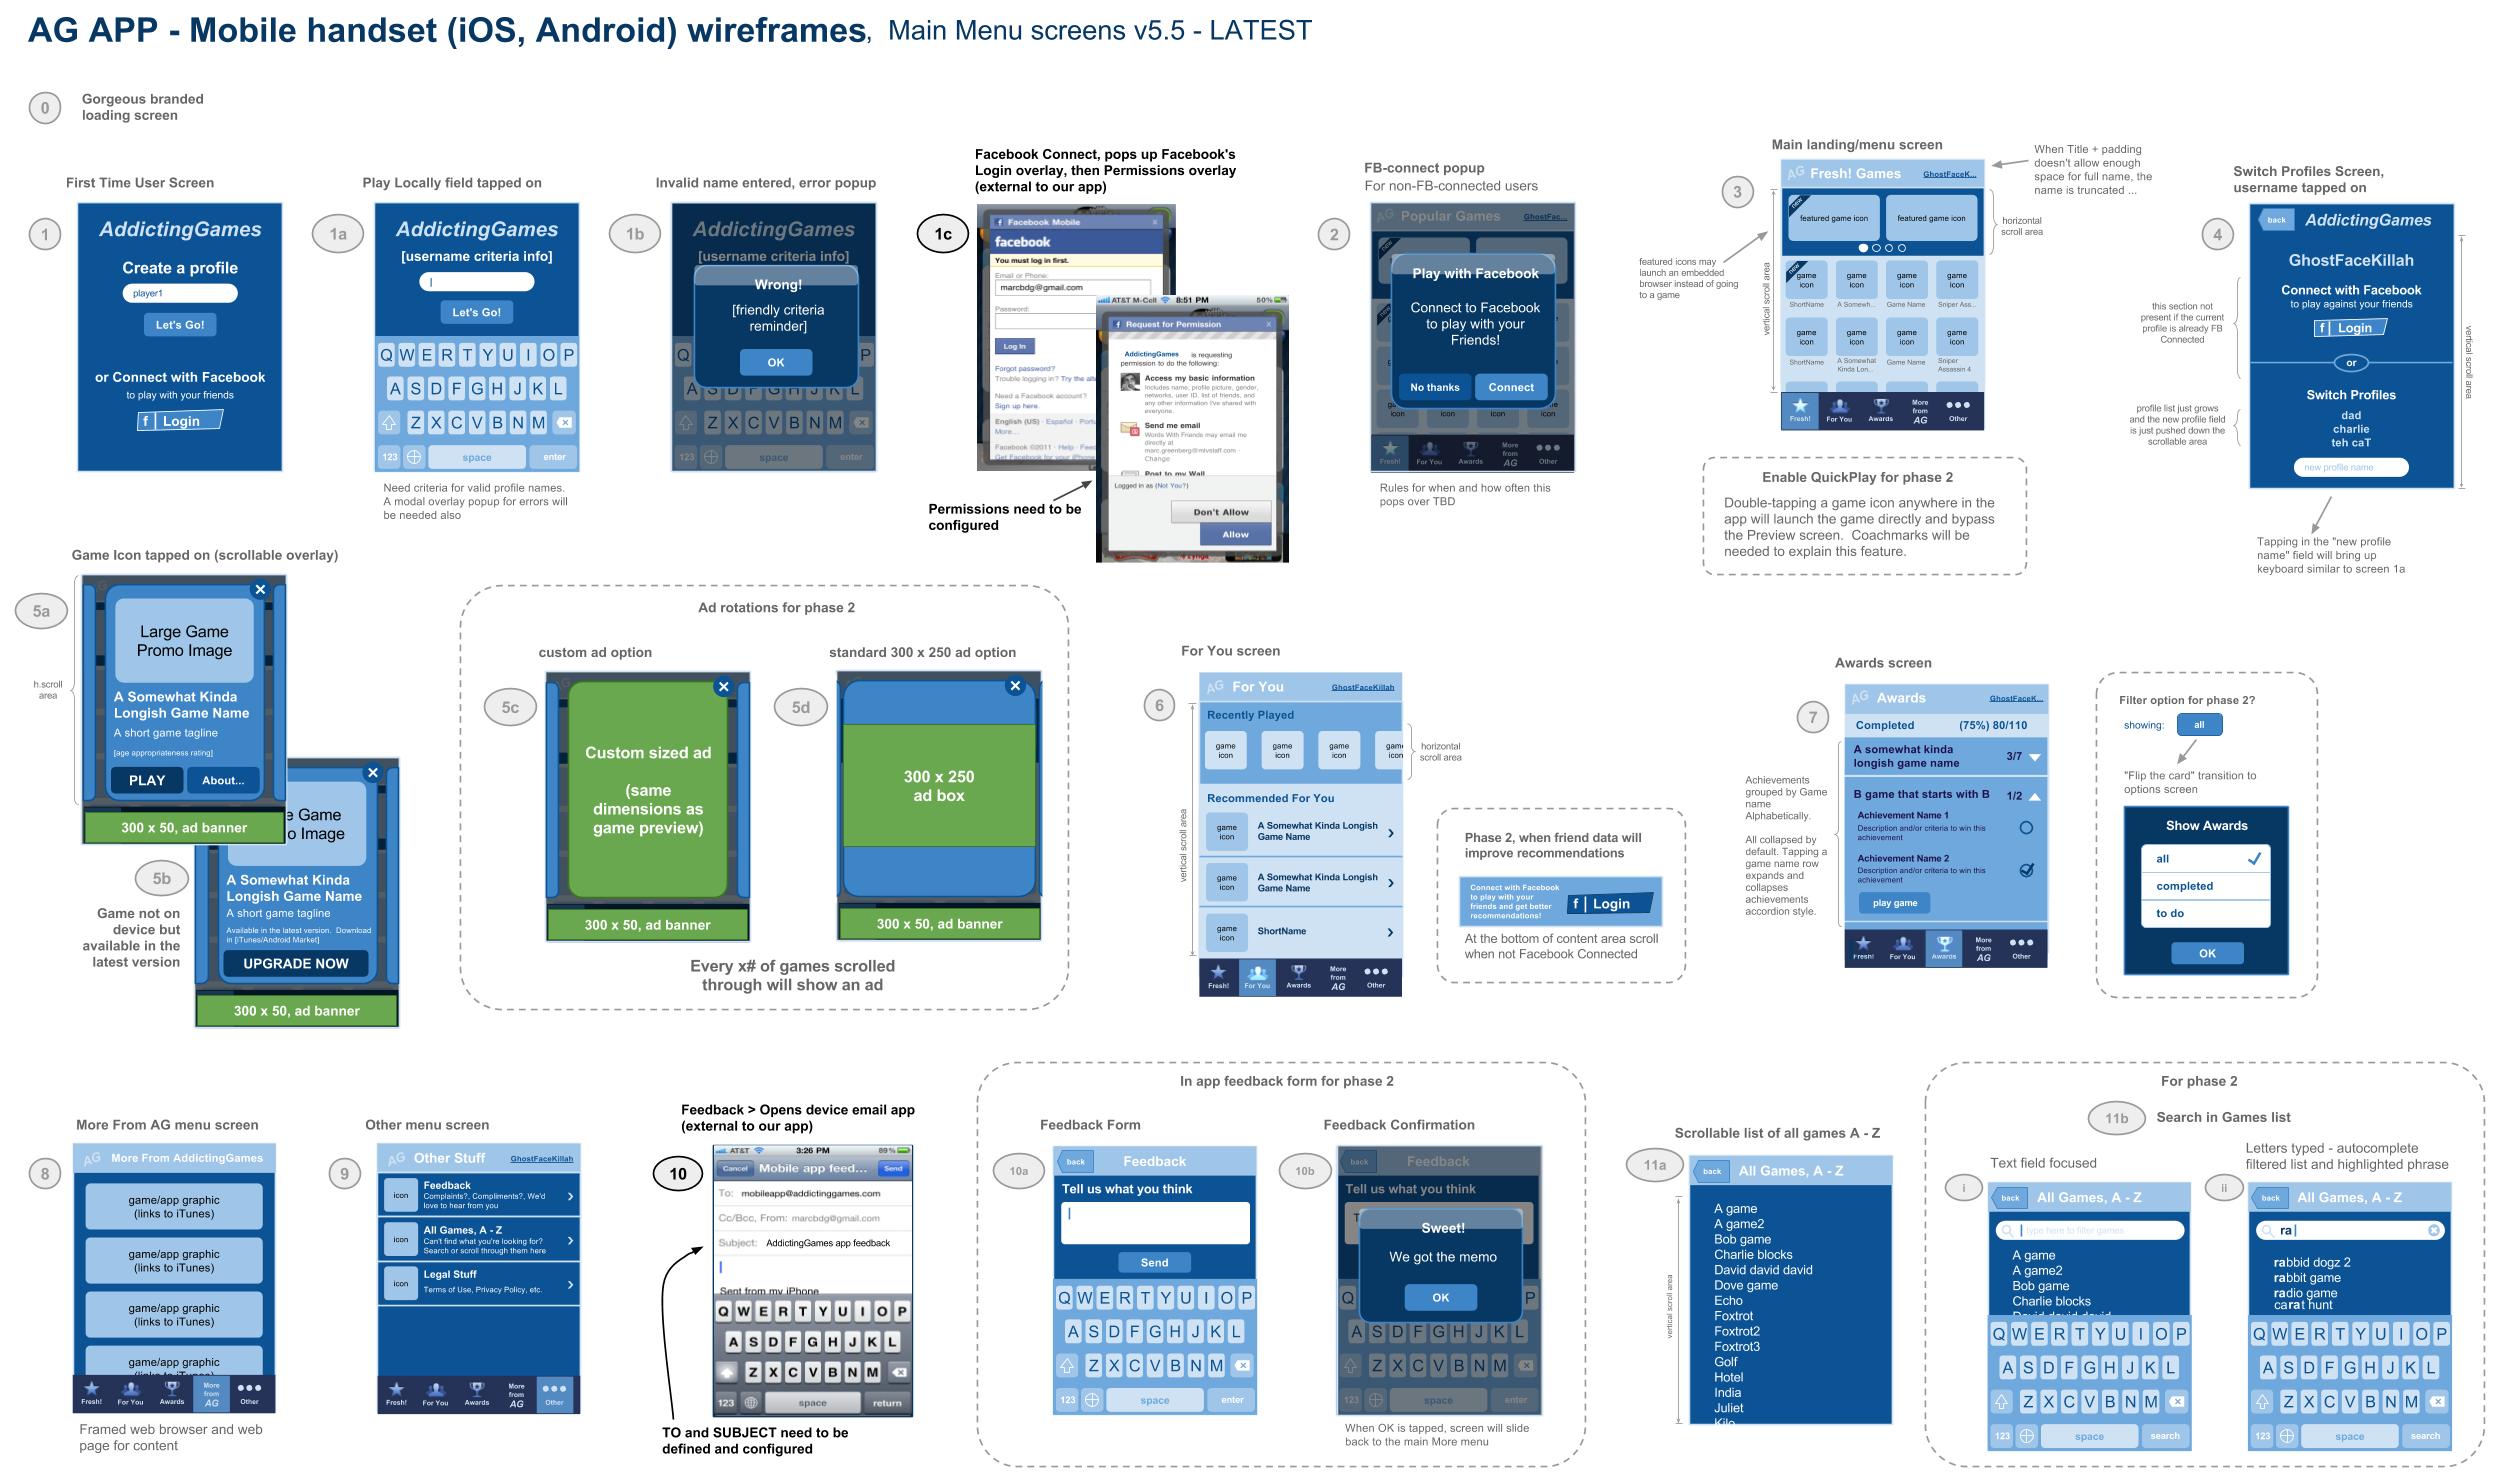 AG-mobile-app-Main-Screens.png